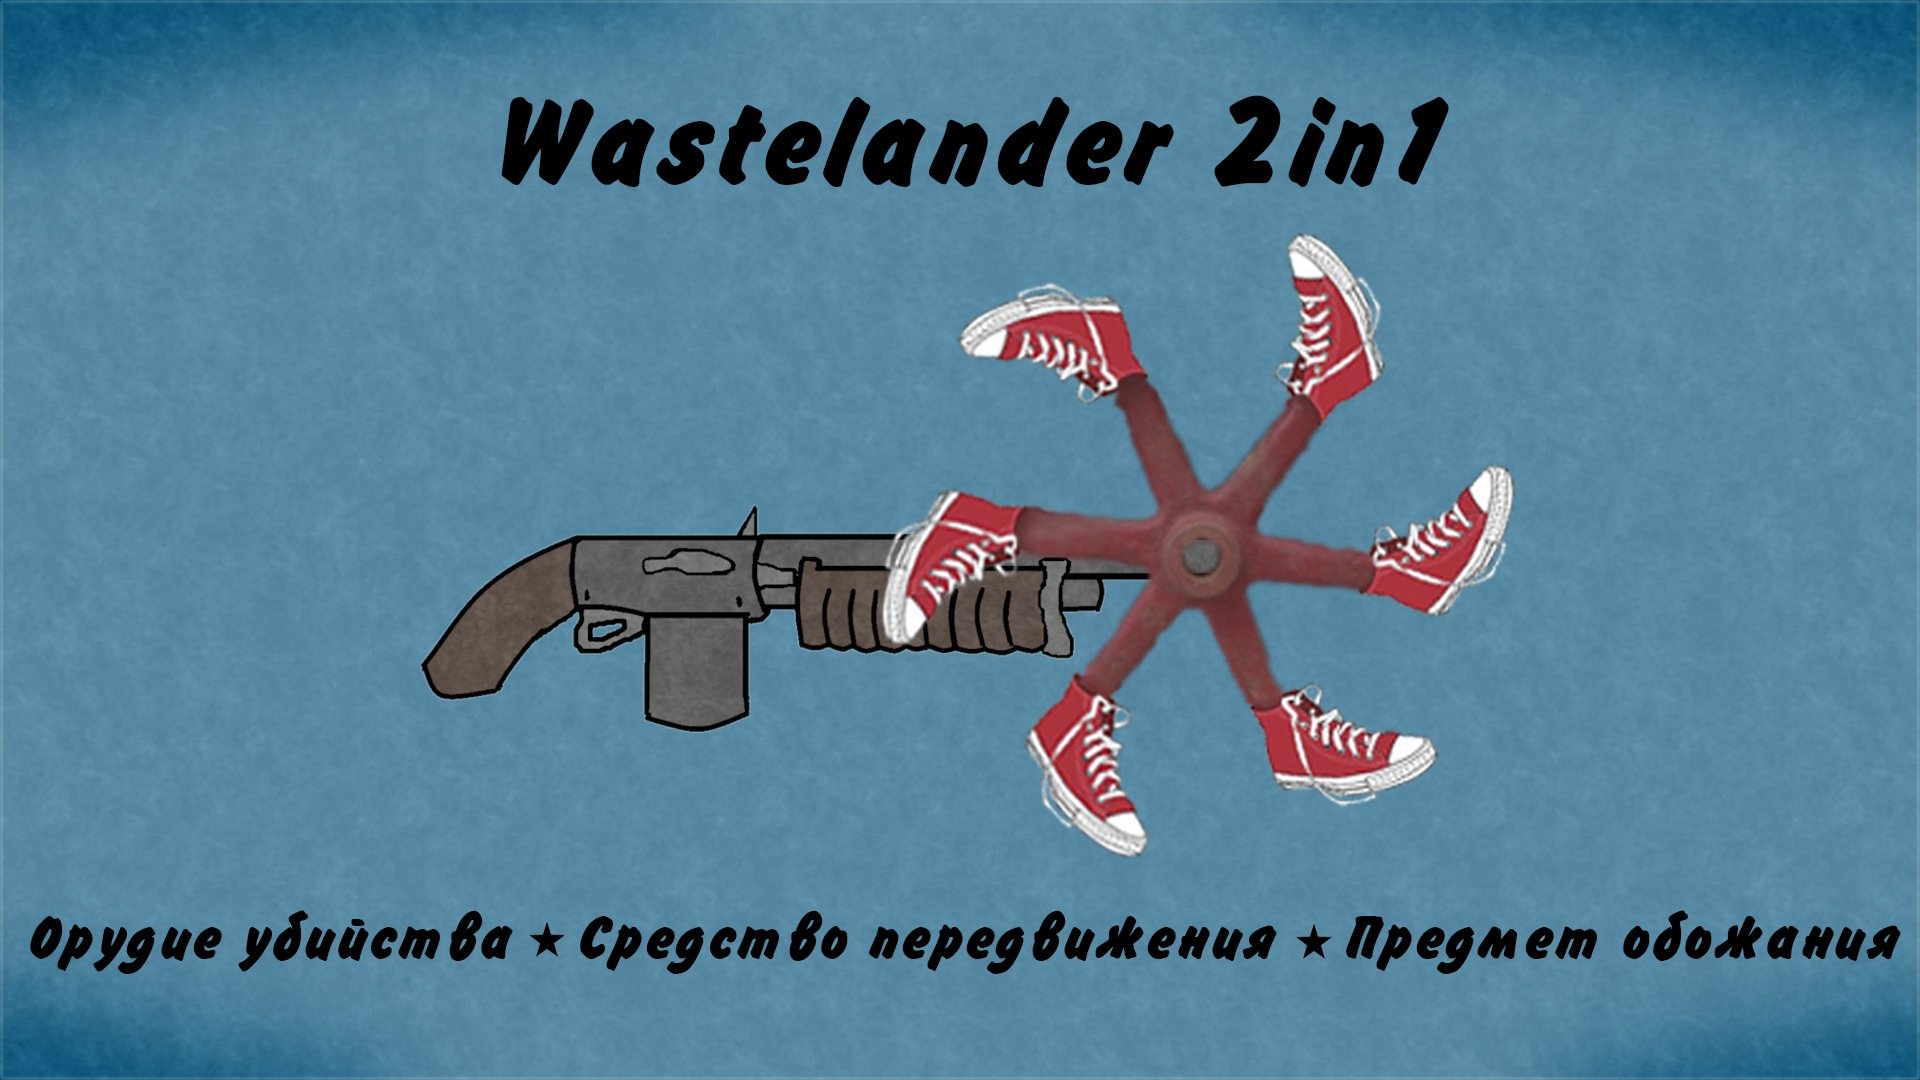 Wastelander 2in1 - оружие мечты - Изображение 1